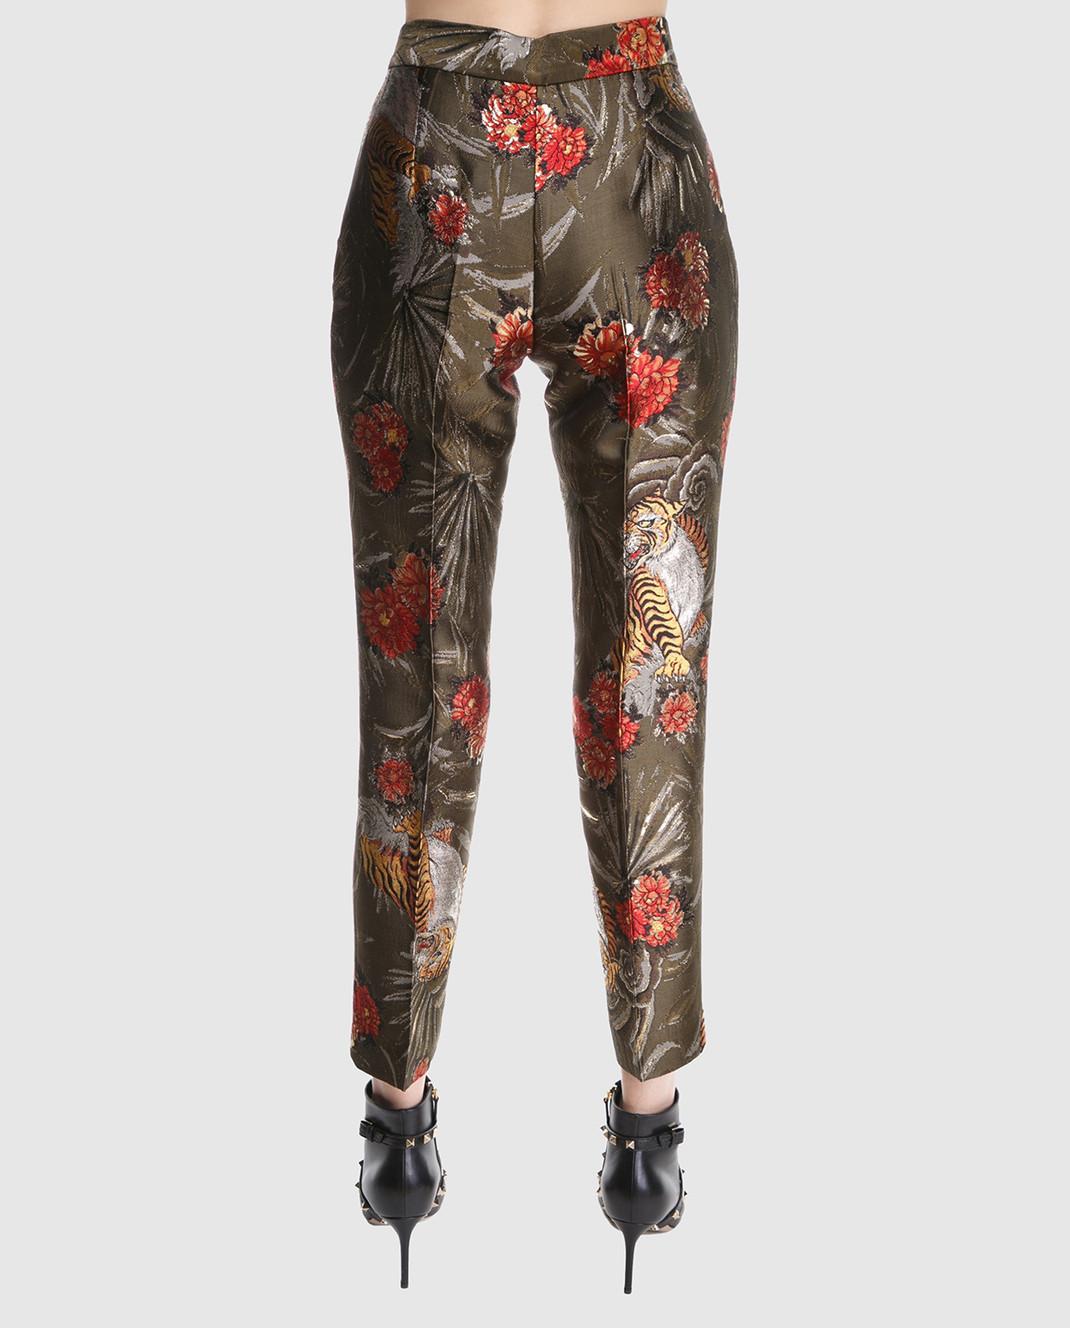 PAROSH Оливковые жаккардовые брюки D230049 изображение 4